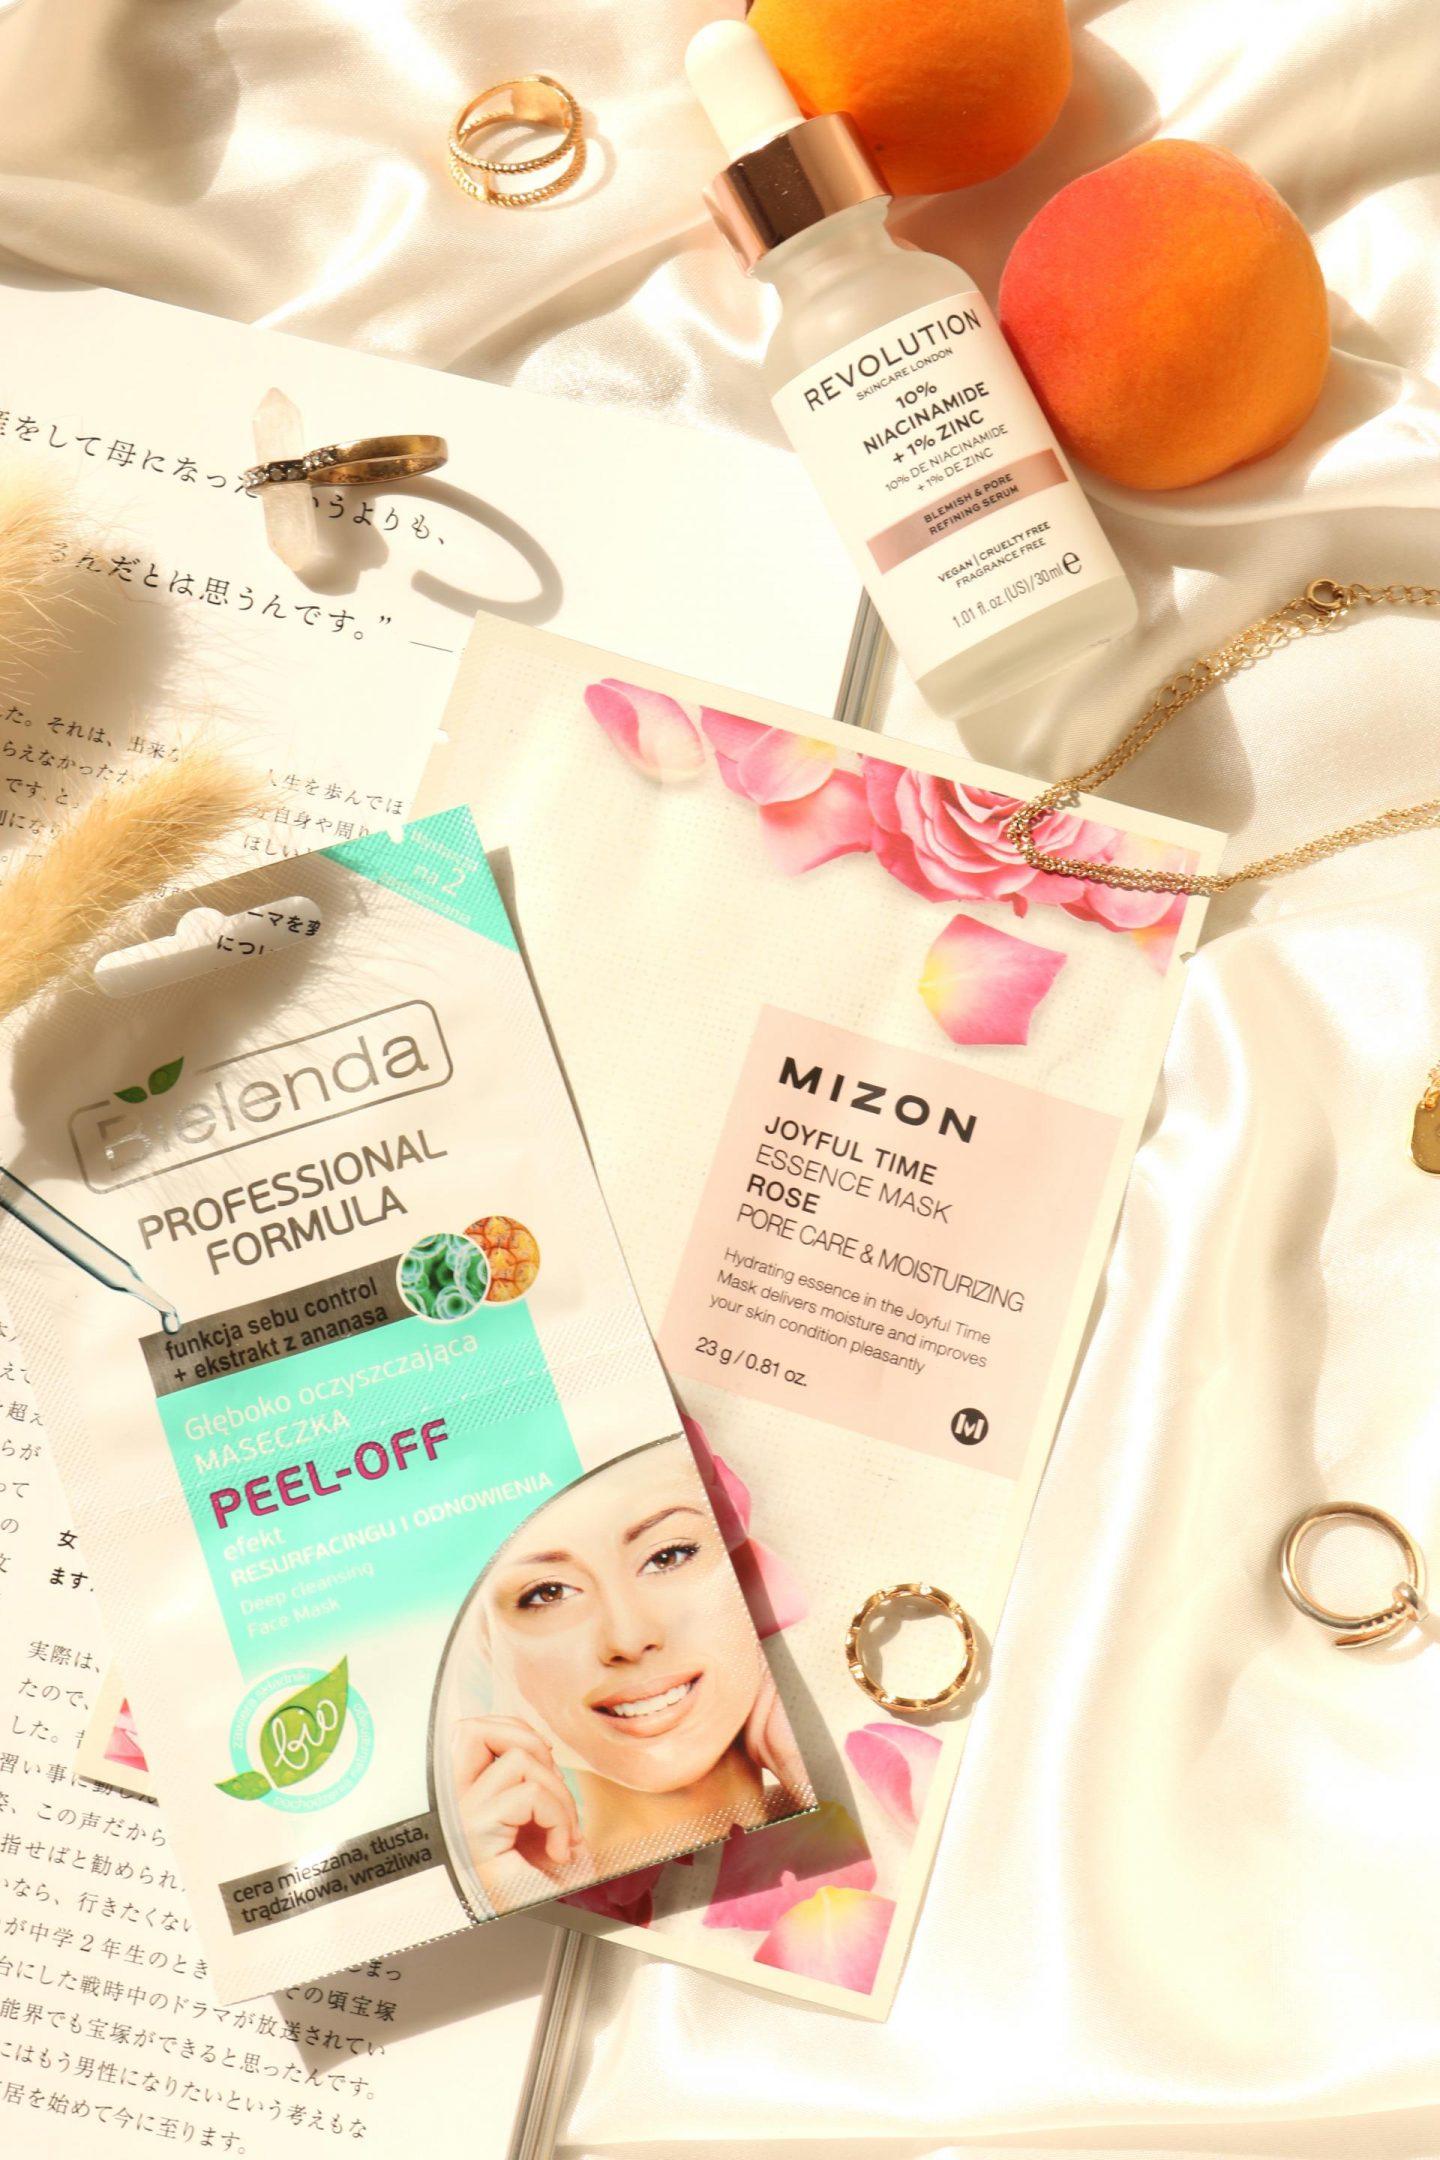 How to minimize the pores with Bielenda, Mizon and Revolution